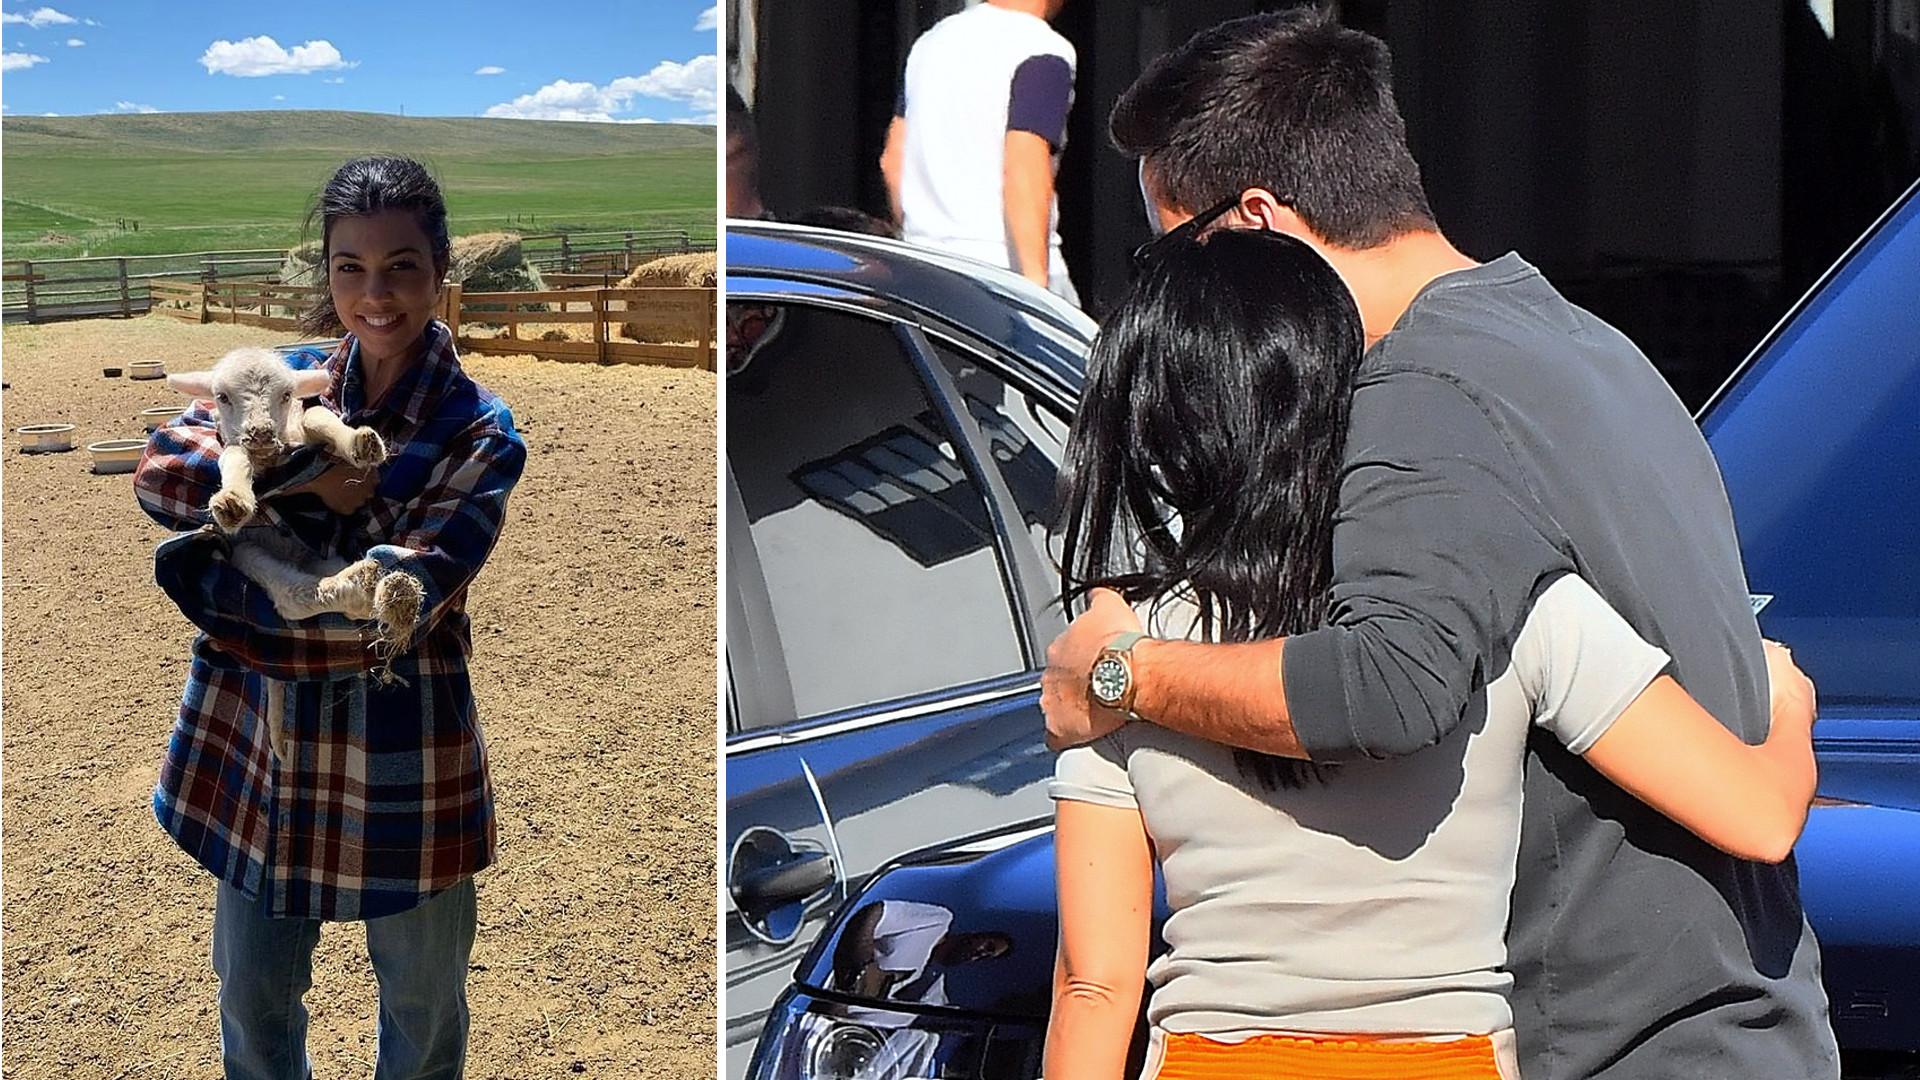 FLANELOWA koszula Kourtney Kardashian ma być dowodem na to, że celebrytka znów jest BLISKO ze Scottem Disickiem